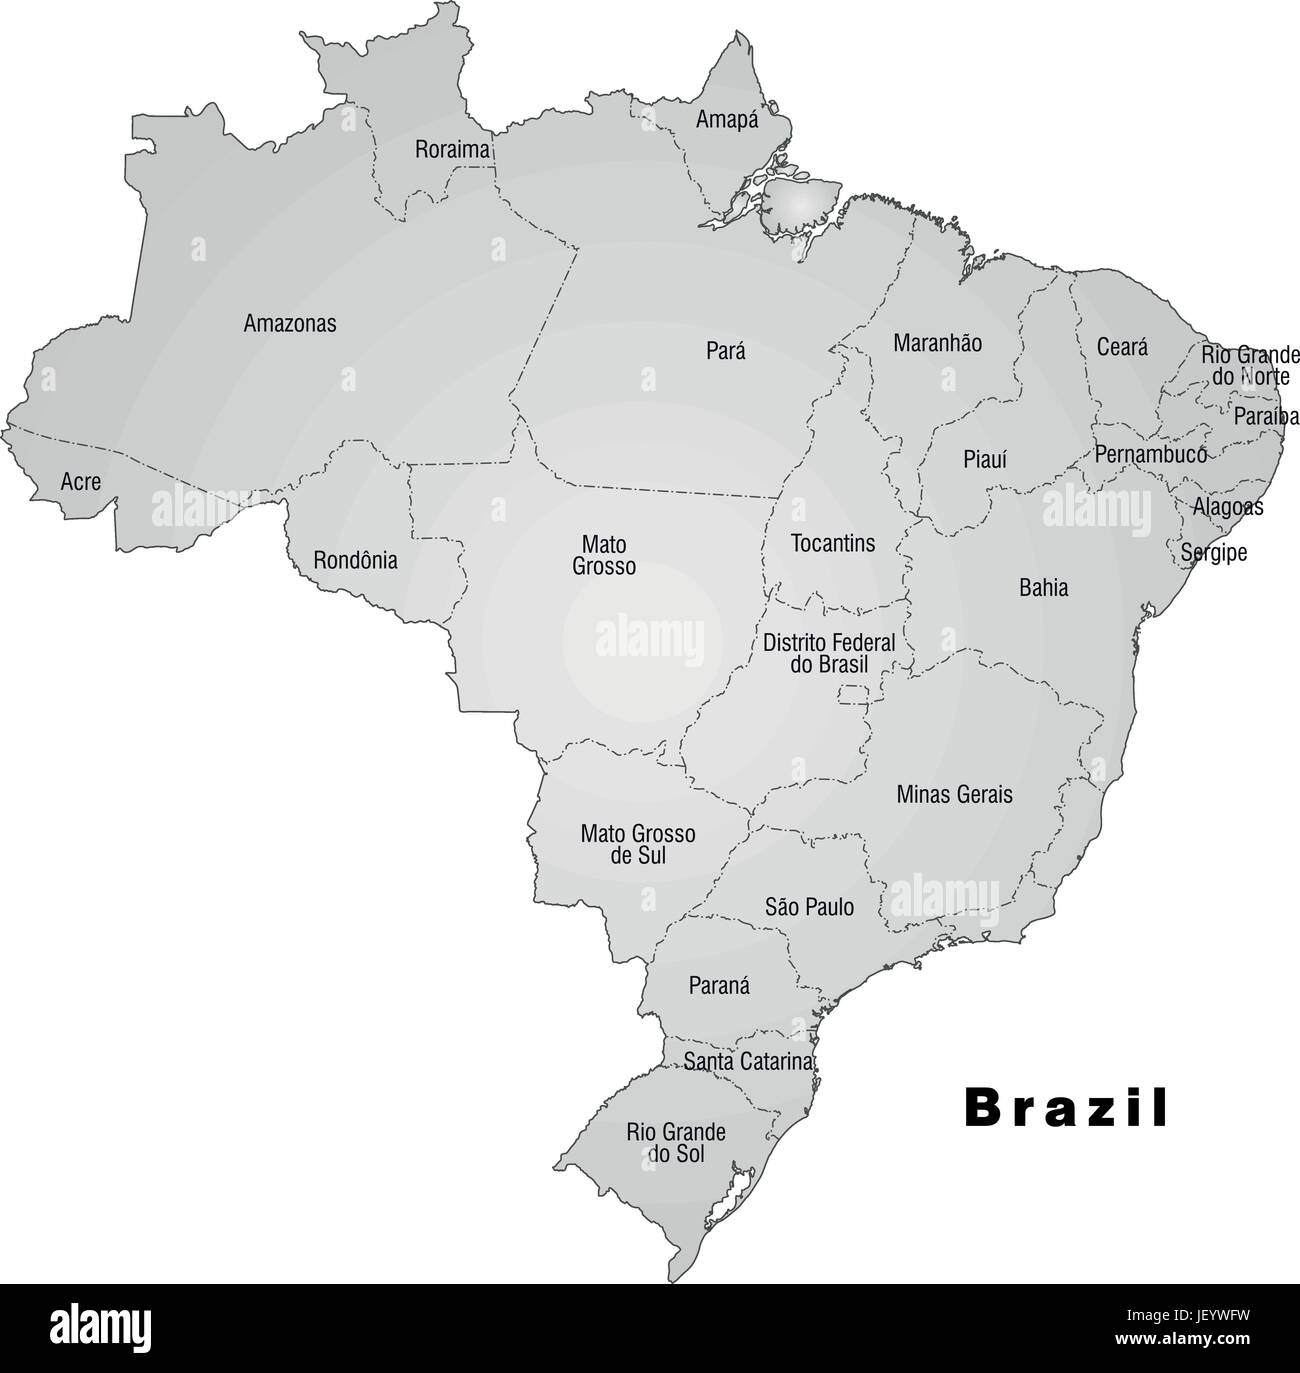 Brasilien Karte Welt.Karte Atlas Karte Der Welt Karte Brasilien Karte Verwaltung